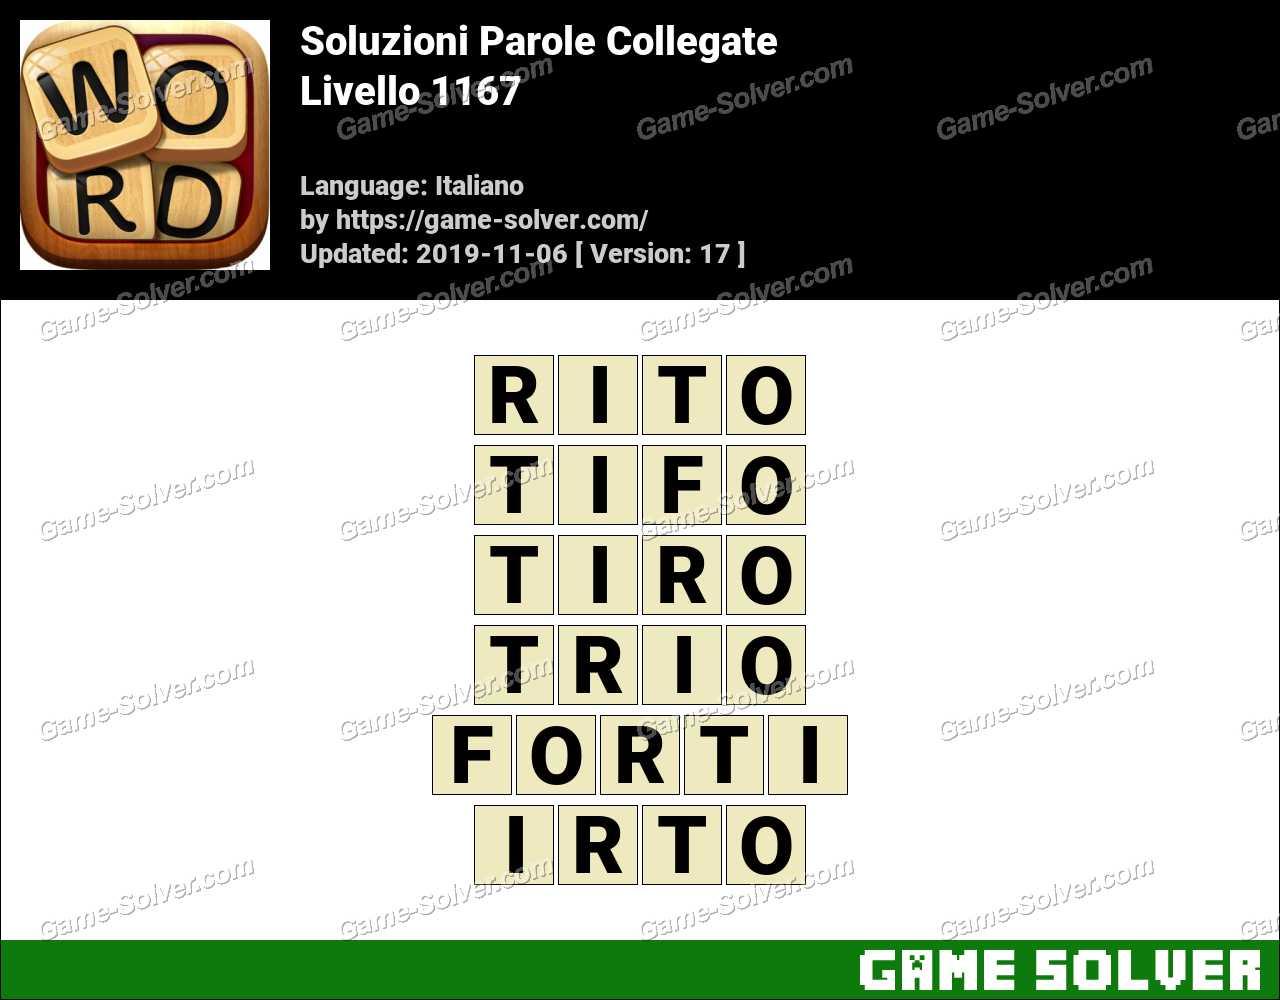 Soluzioni Parole Collegate Livello 1167